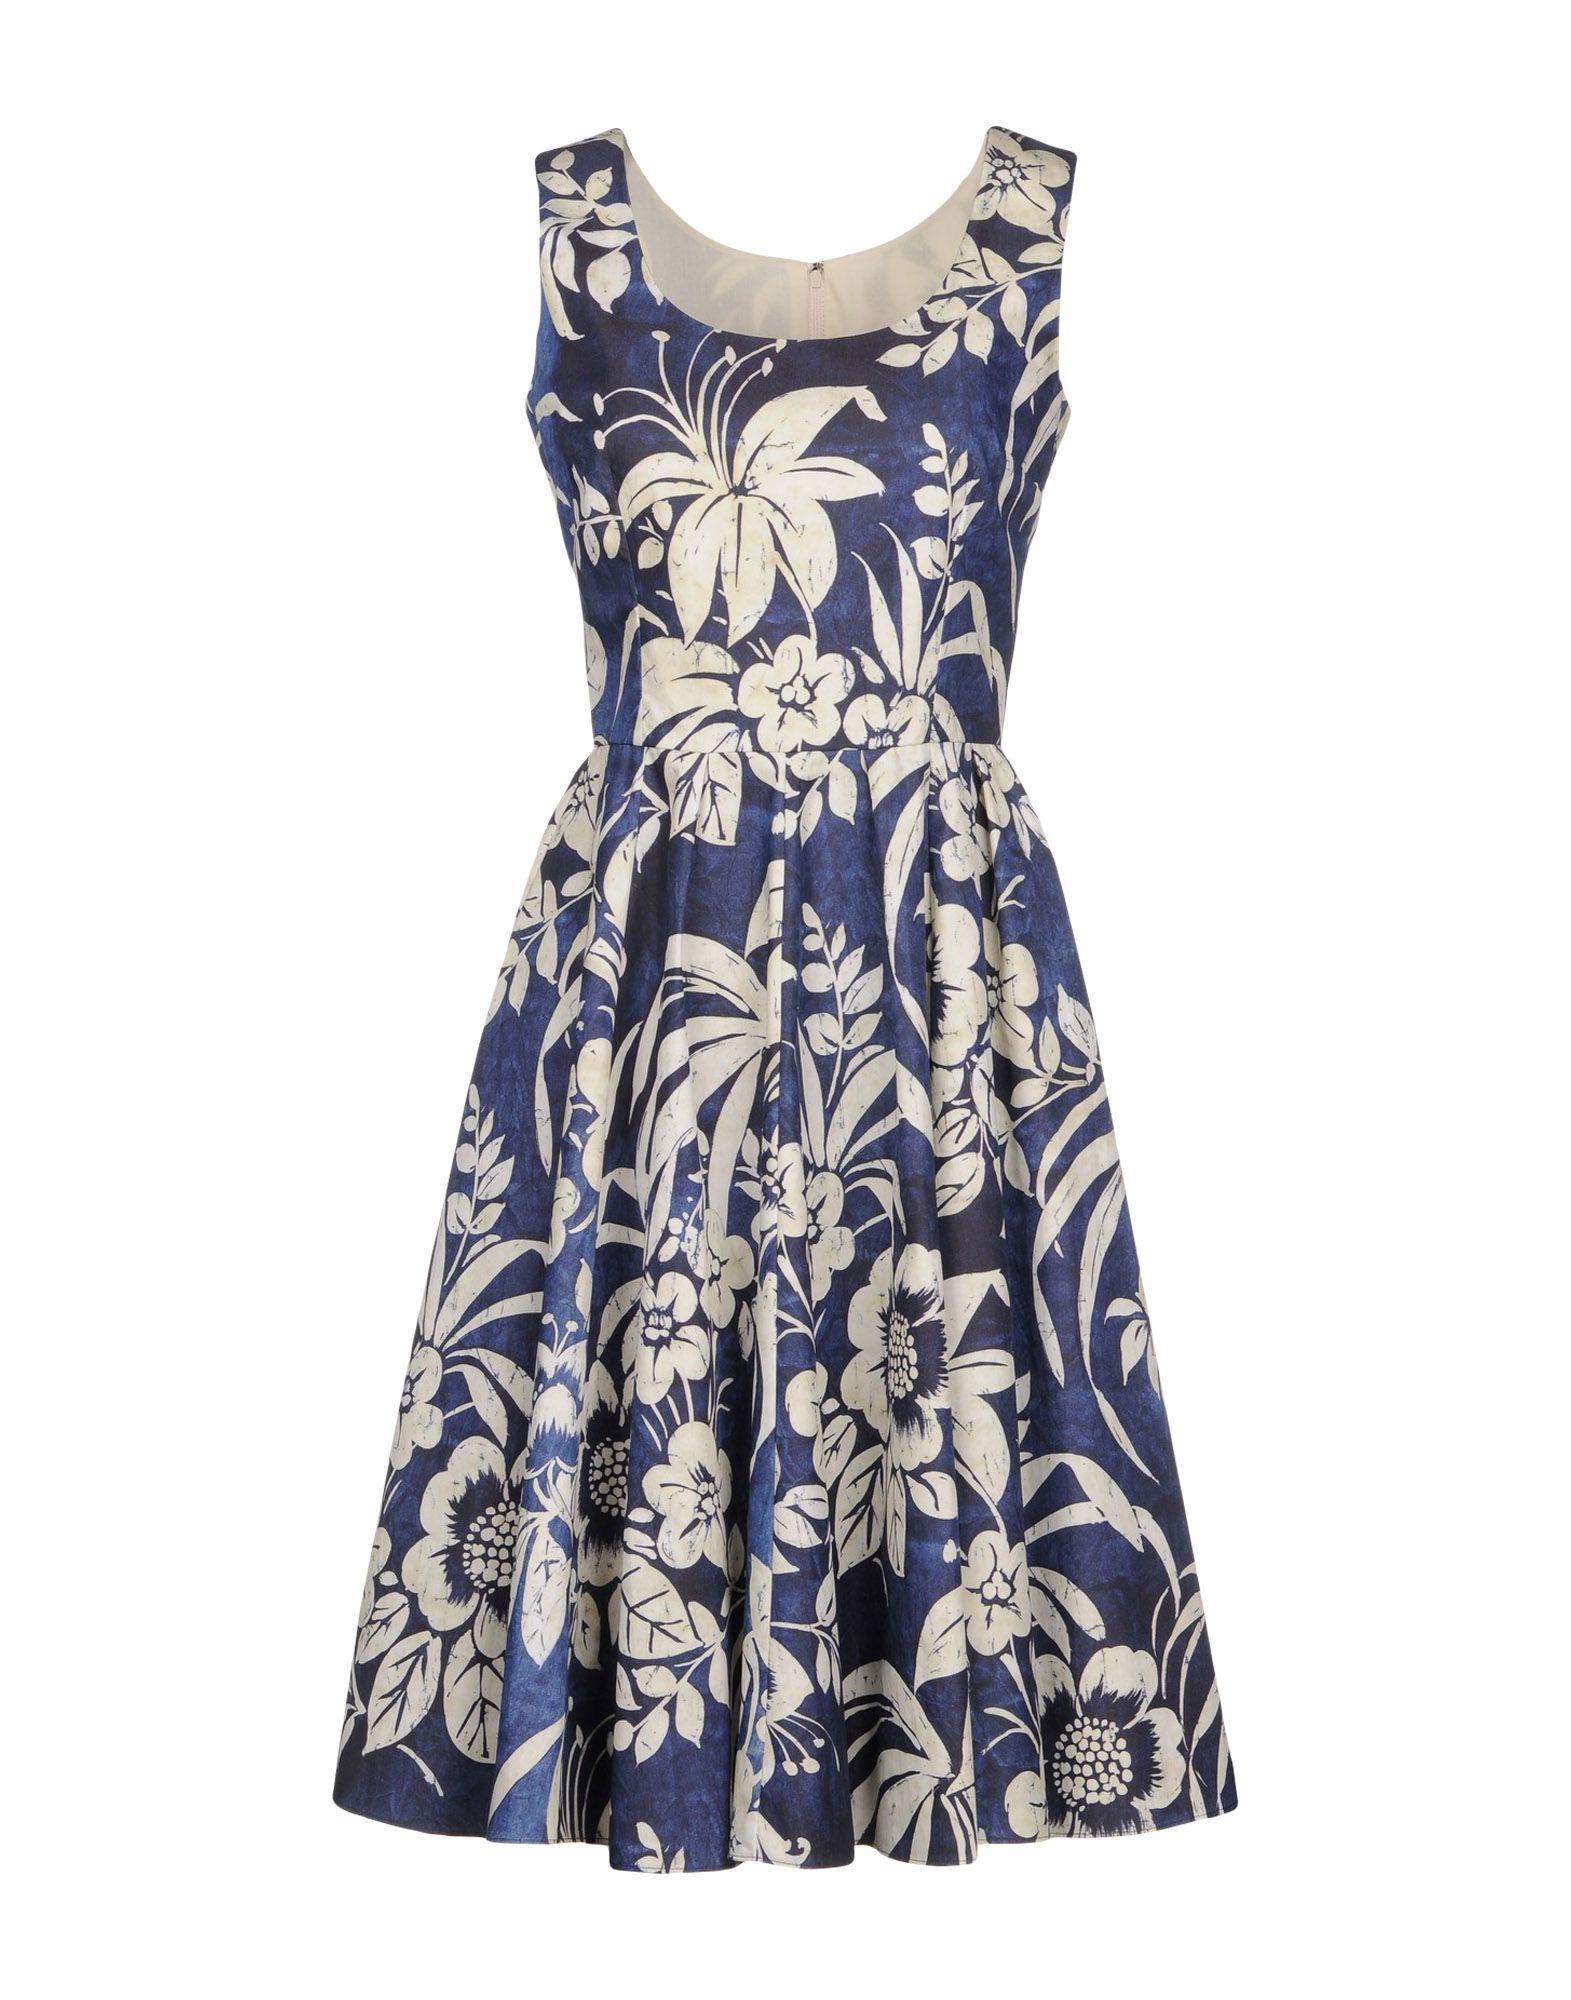 Dolce & Gabbana Knee-length Dresses In Blue